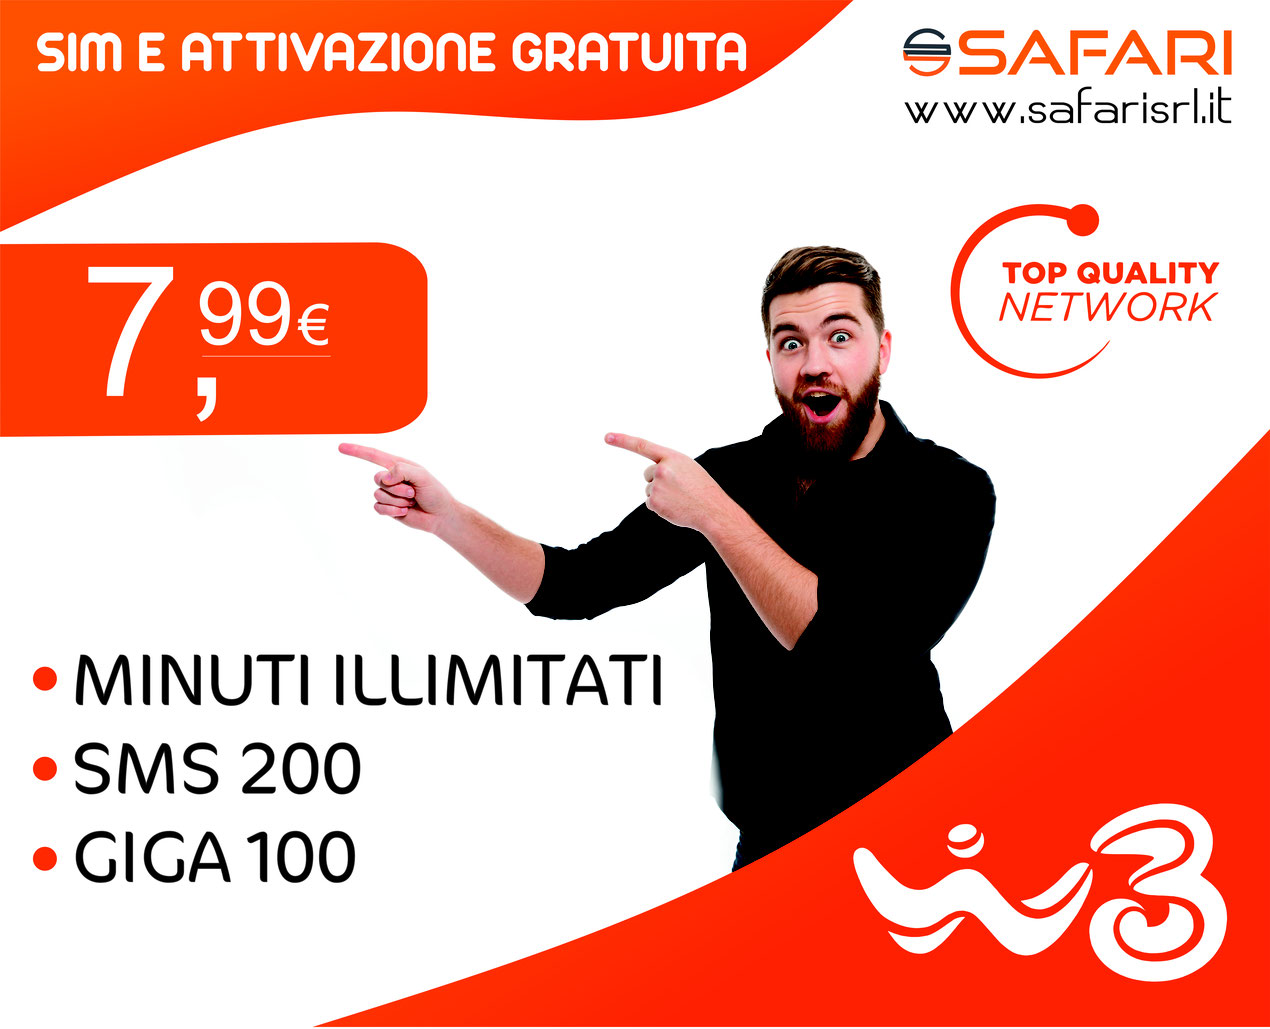 Offerte Windtre a Rovereto e Riva_Safari srl stores